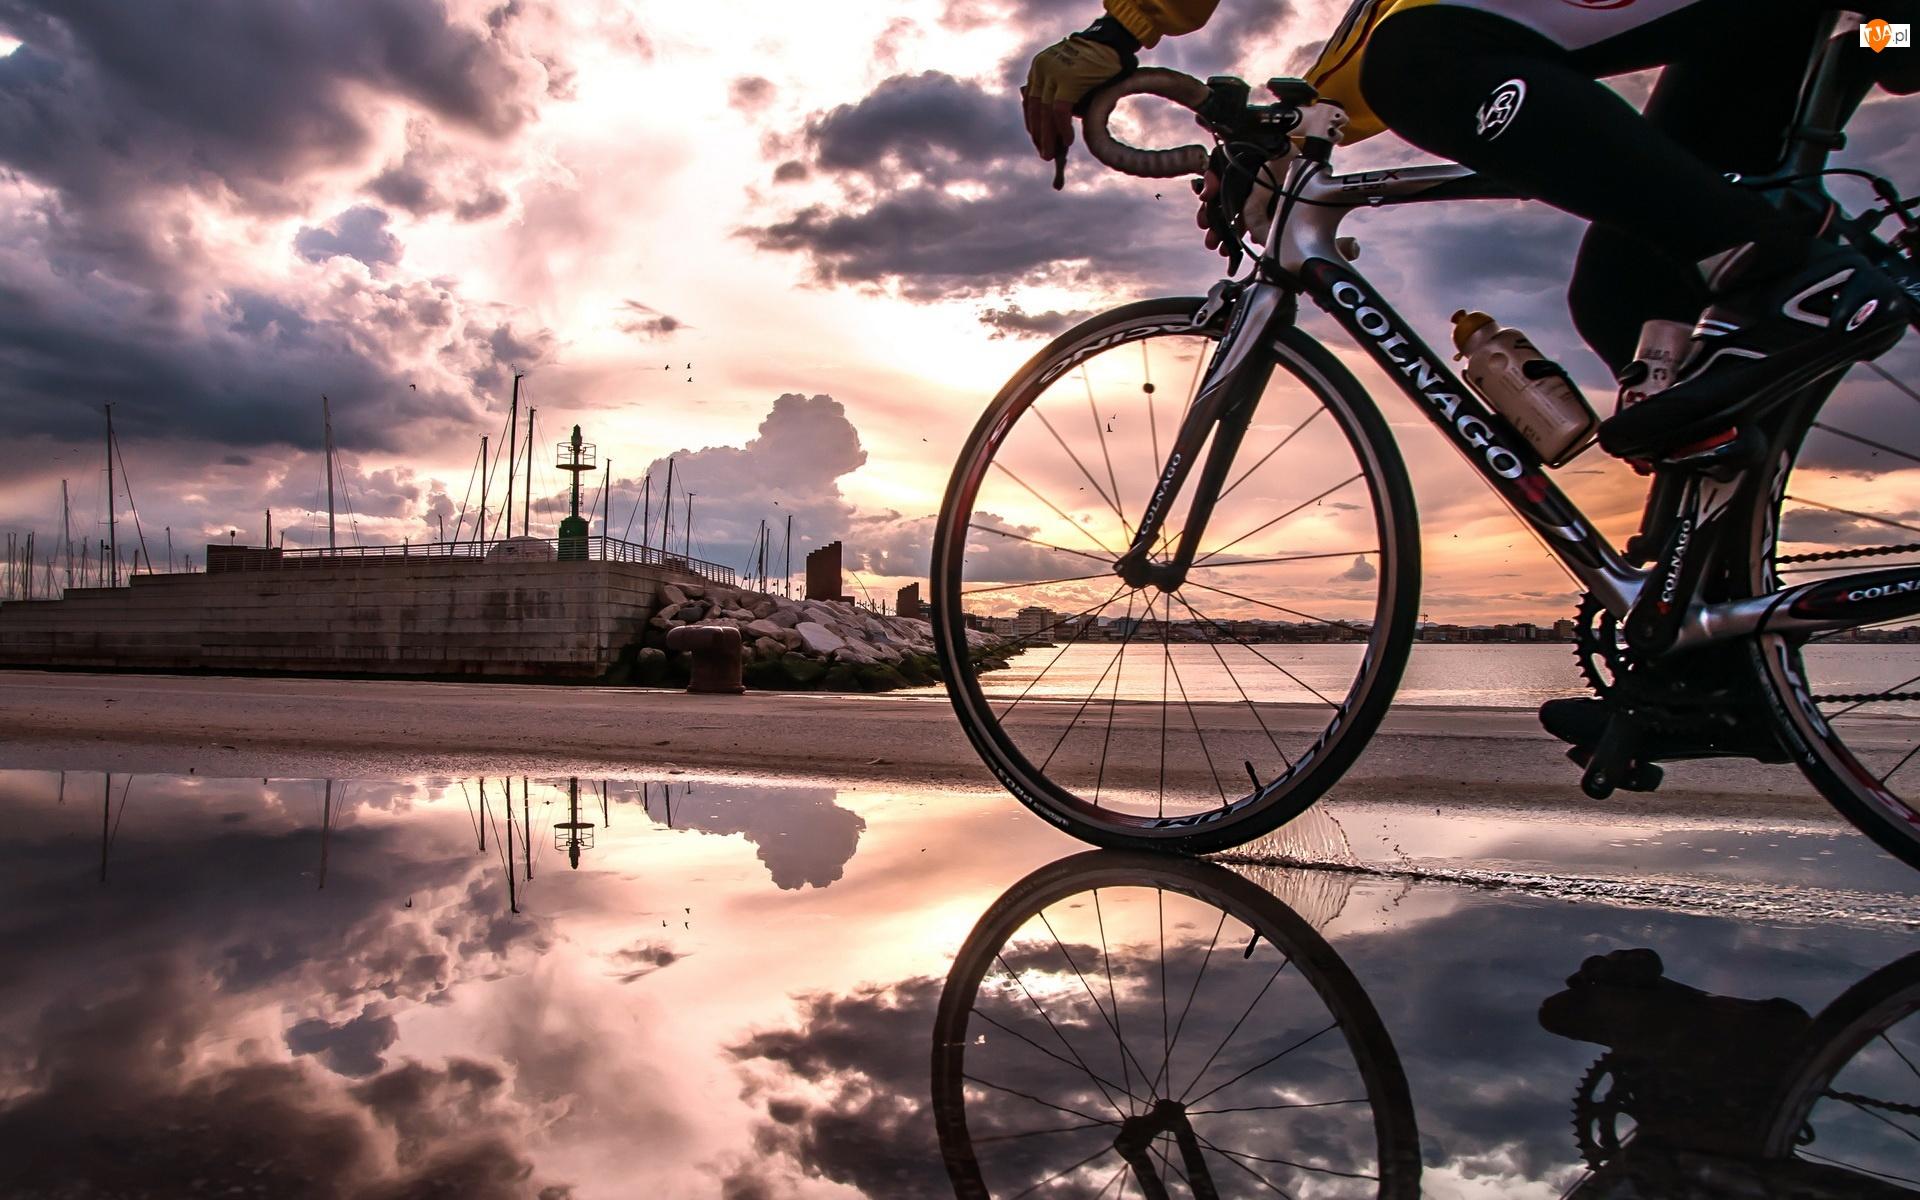 Nabrzeżu, Niebo, Rowerzysta, Chmury, Na, Portowym